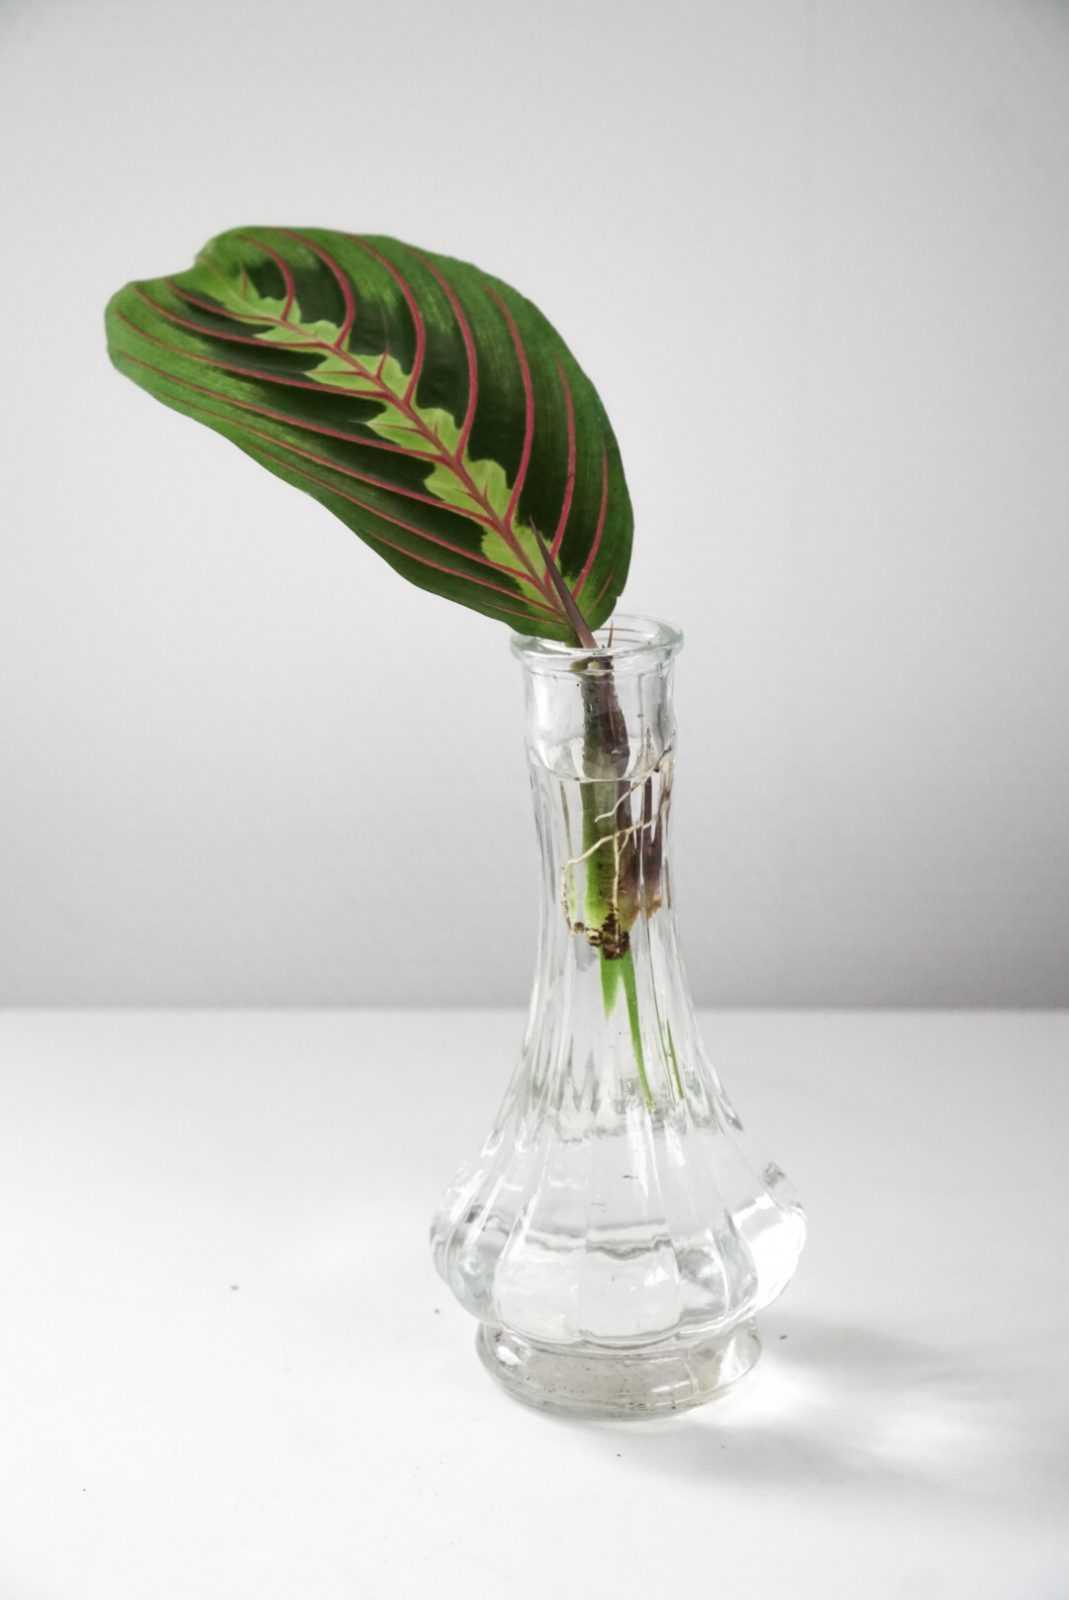 maranta leuconeura kerchoveana bladstek terracotta pot potje plant stekje plantje glas glaasje